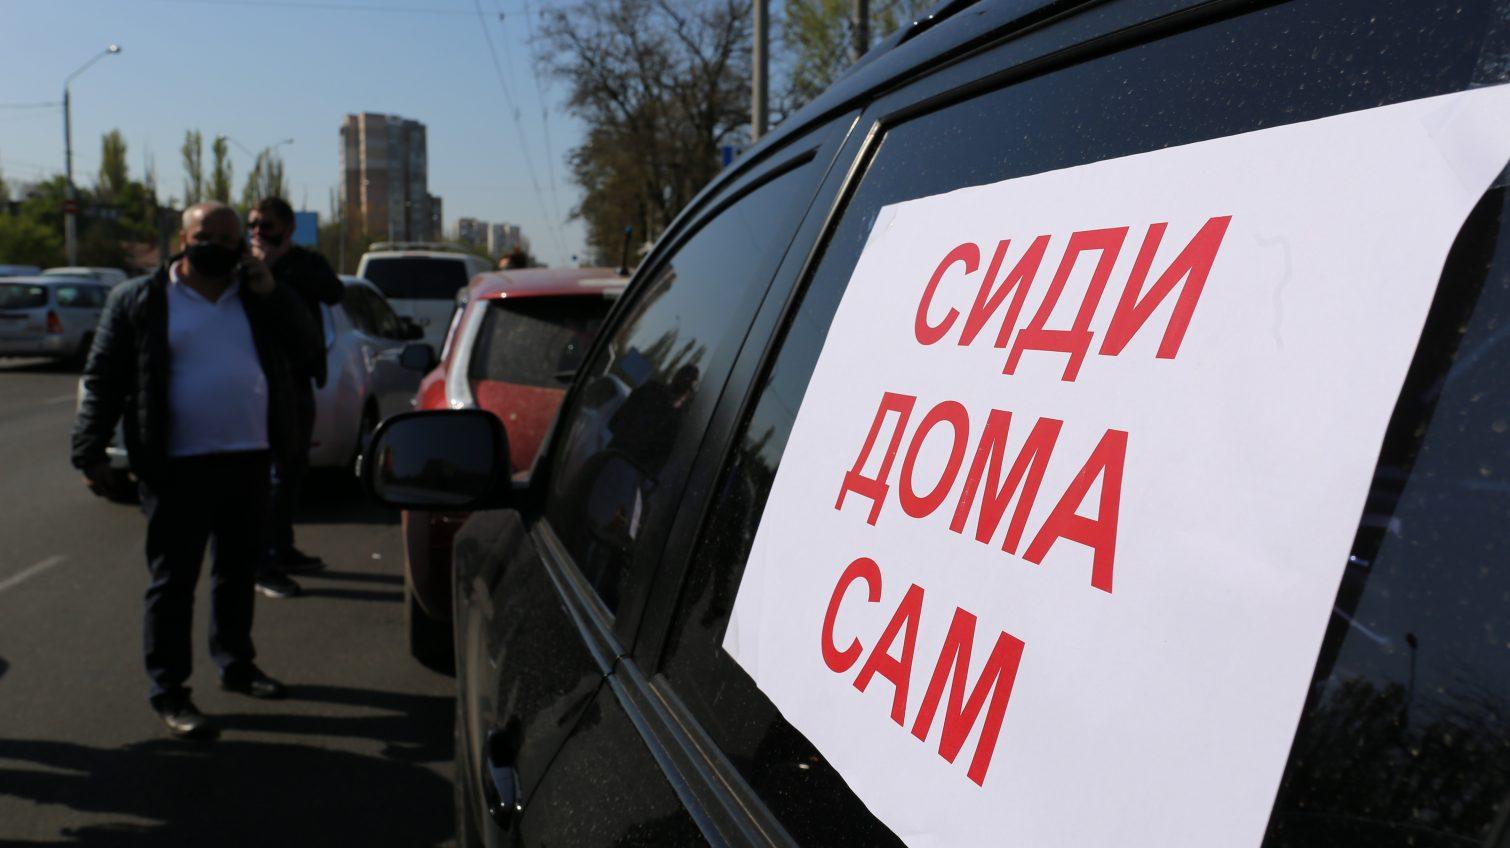 Большой автопротест: одесские предприниматели устроили пробег, требуя открыть рынки (фото, видео) «фото»